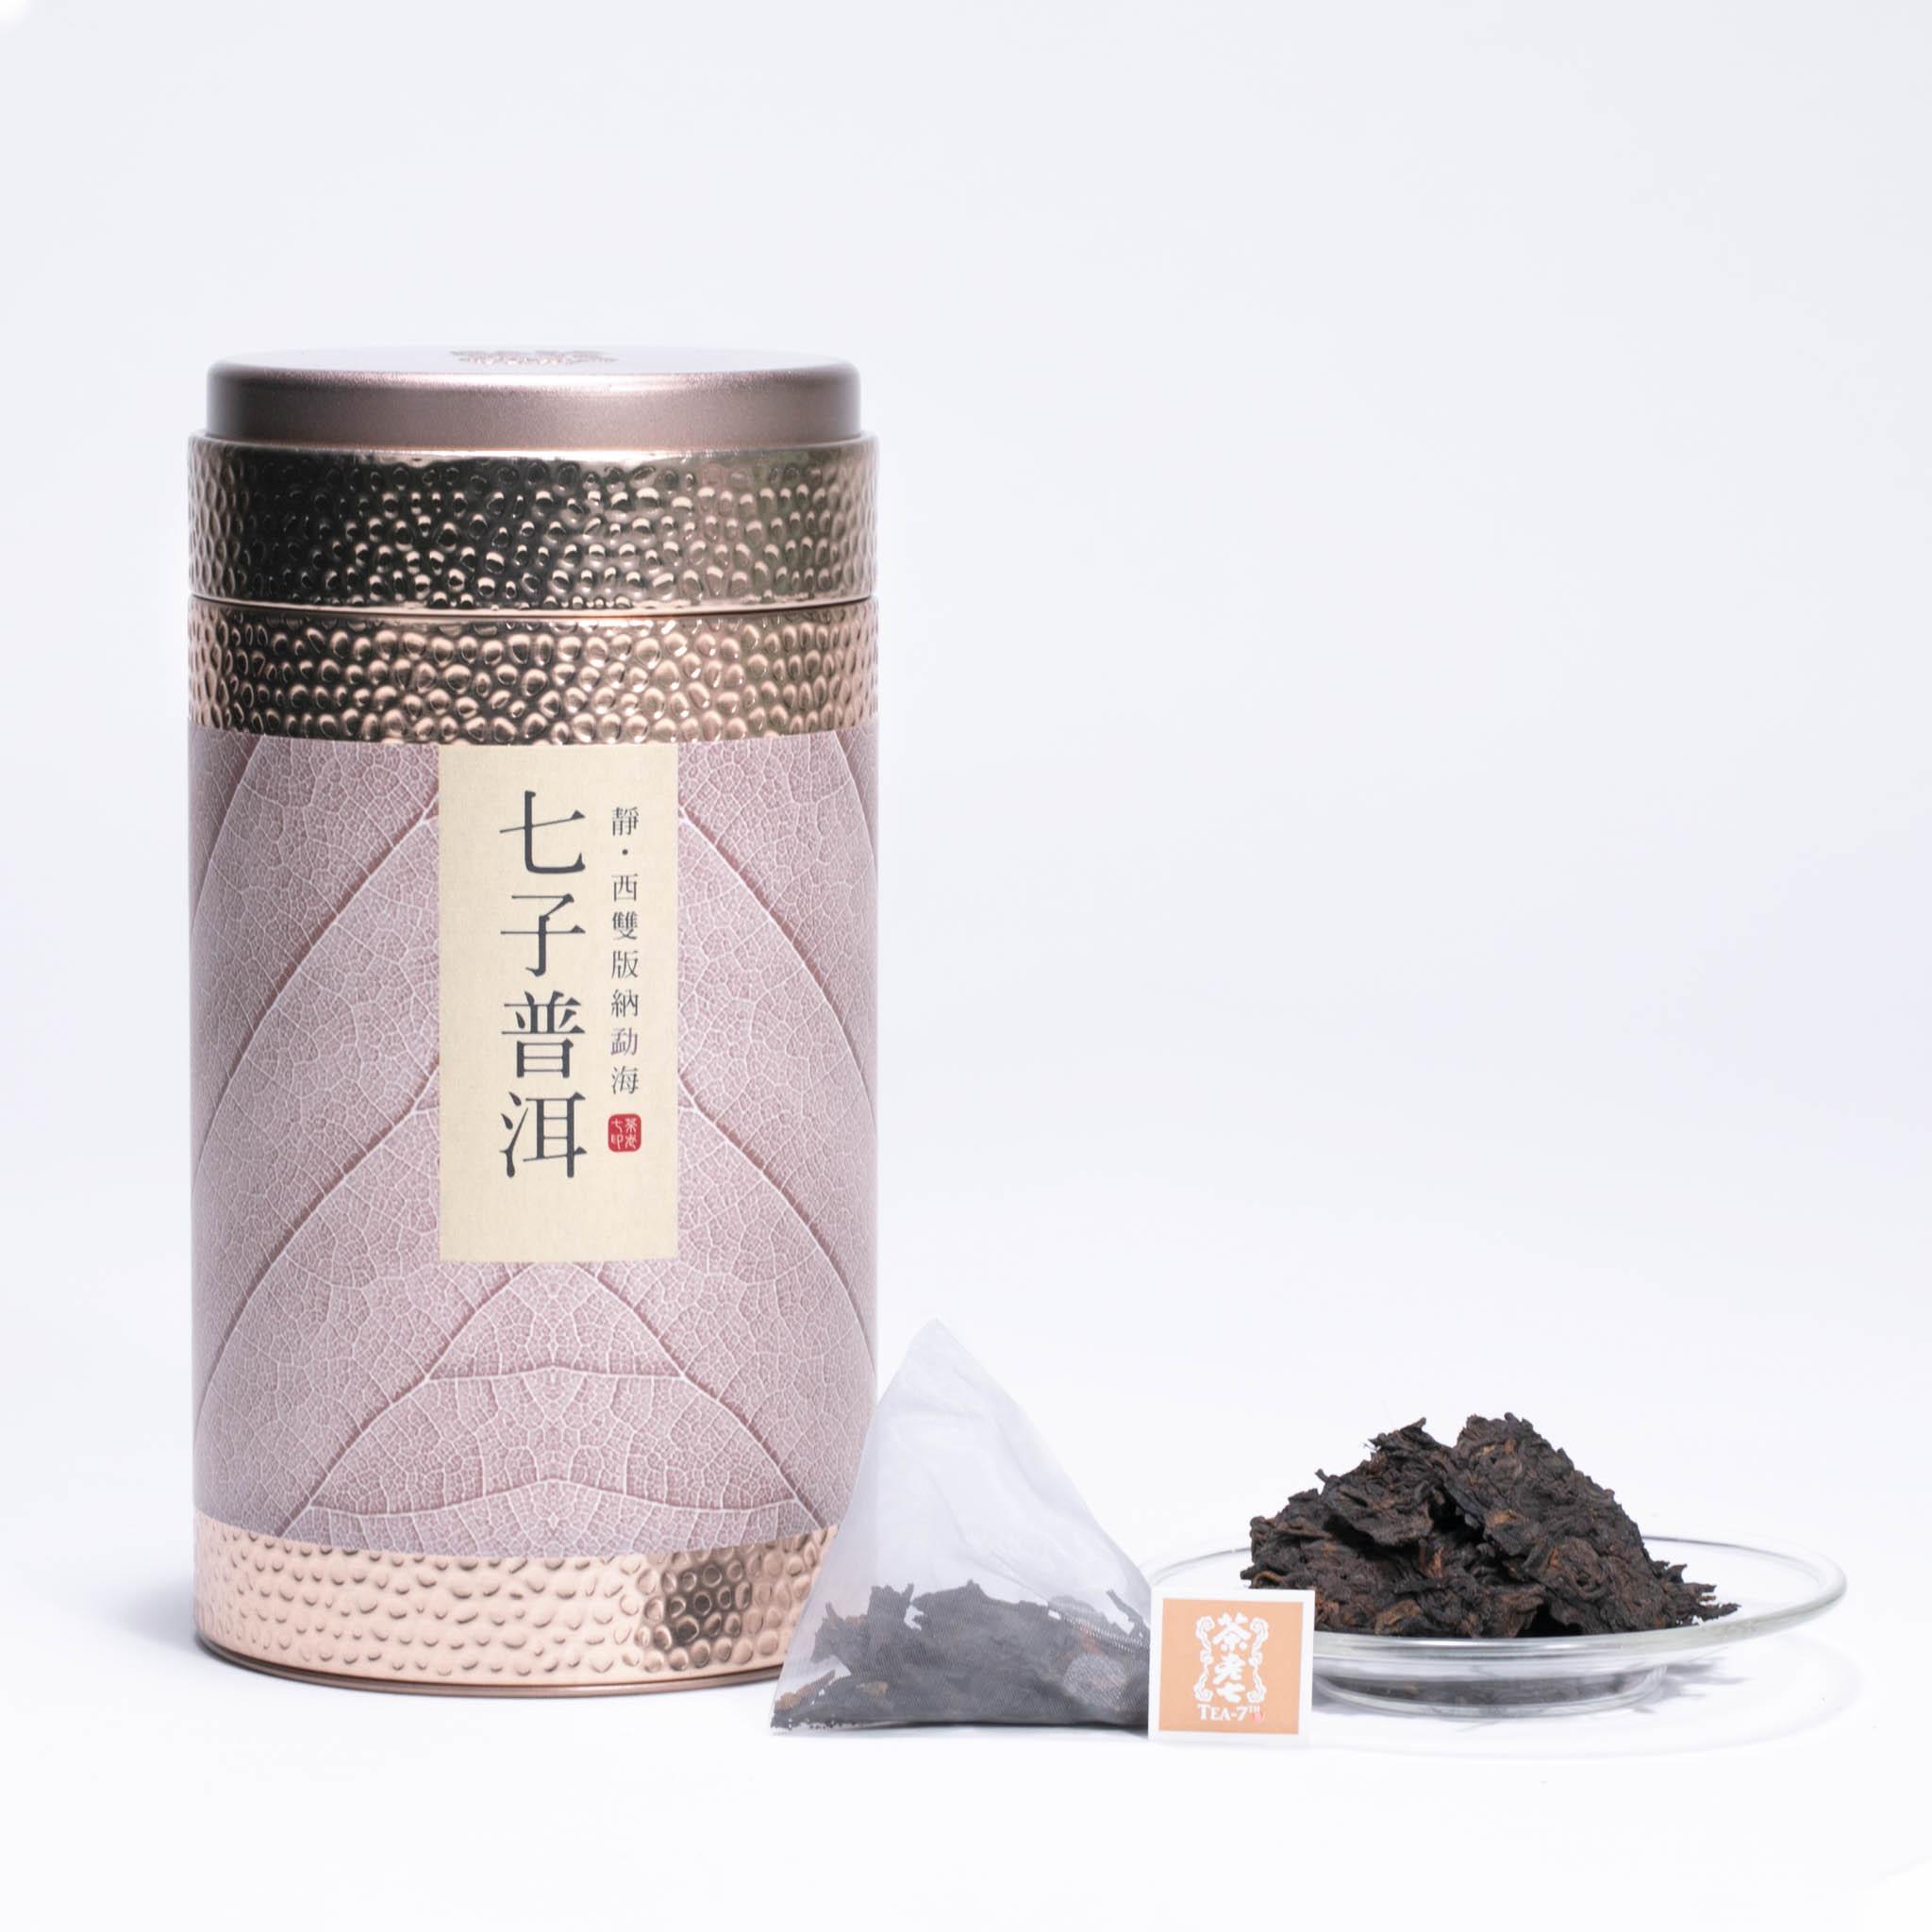 茶老七 2004雲南七子普洱(熟茶)- 茶包